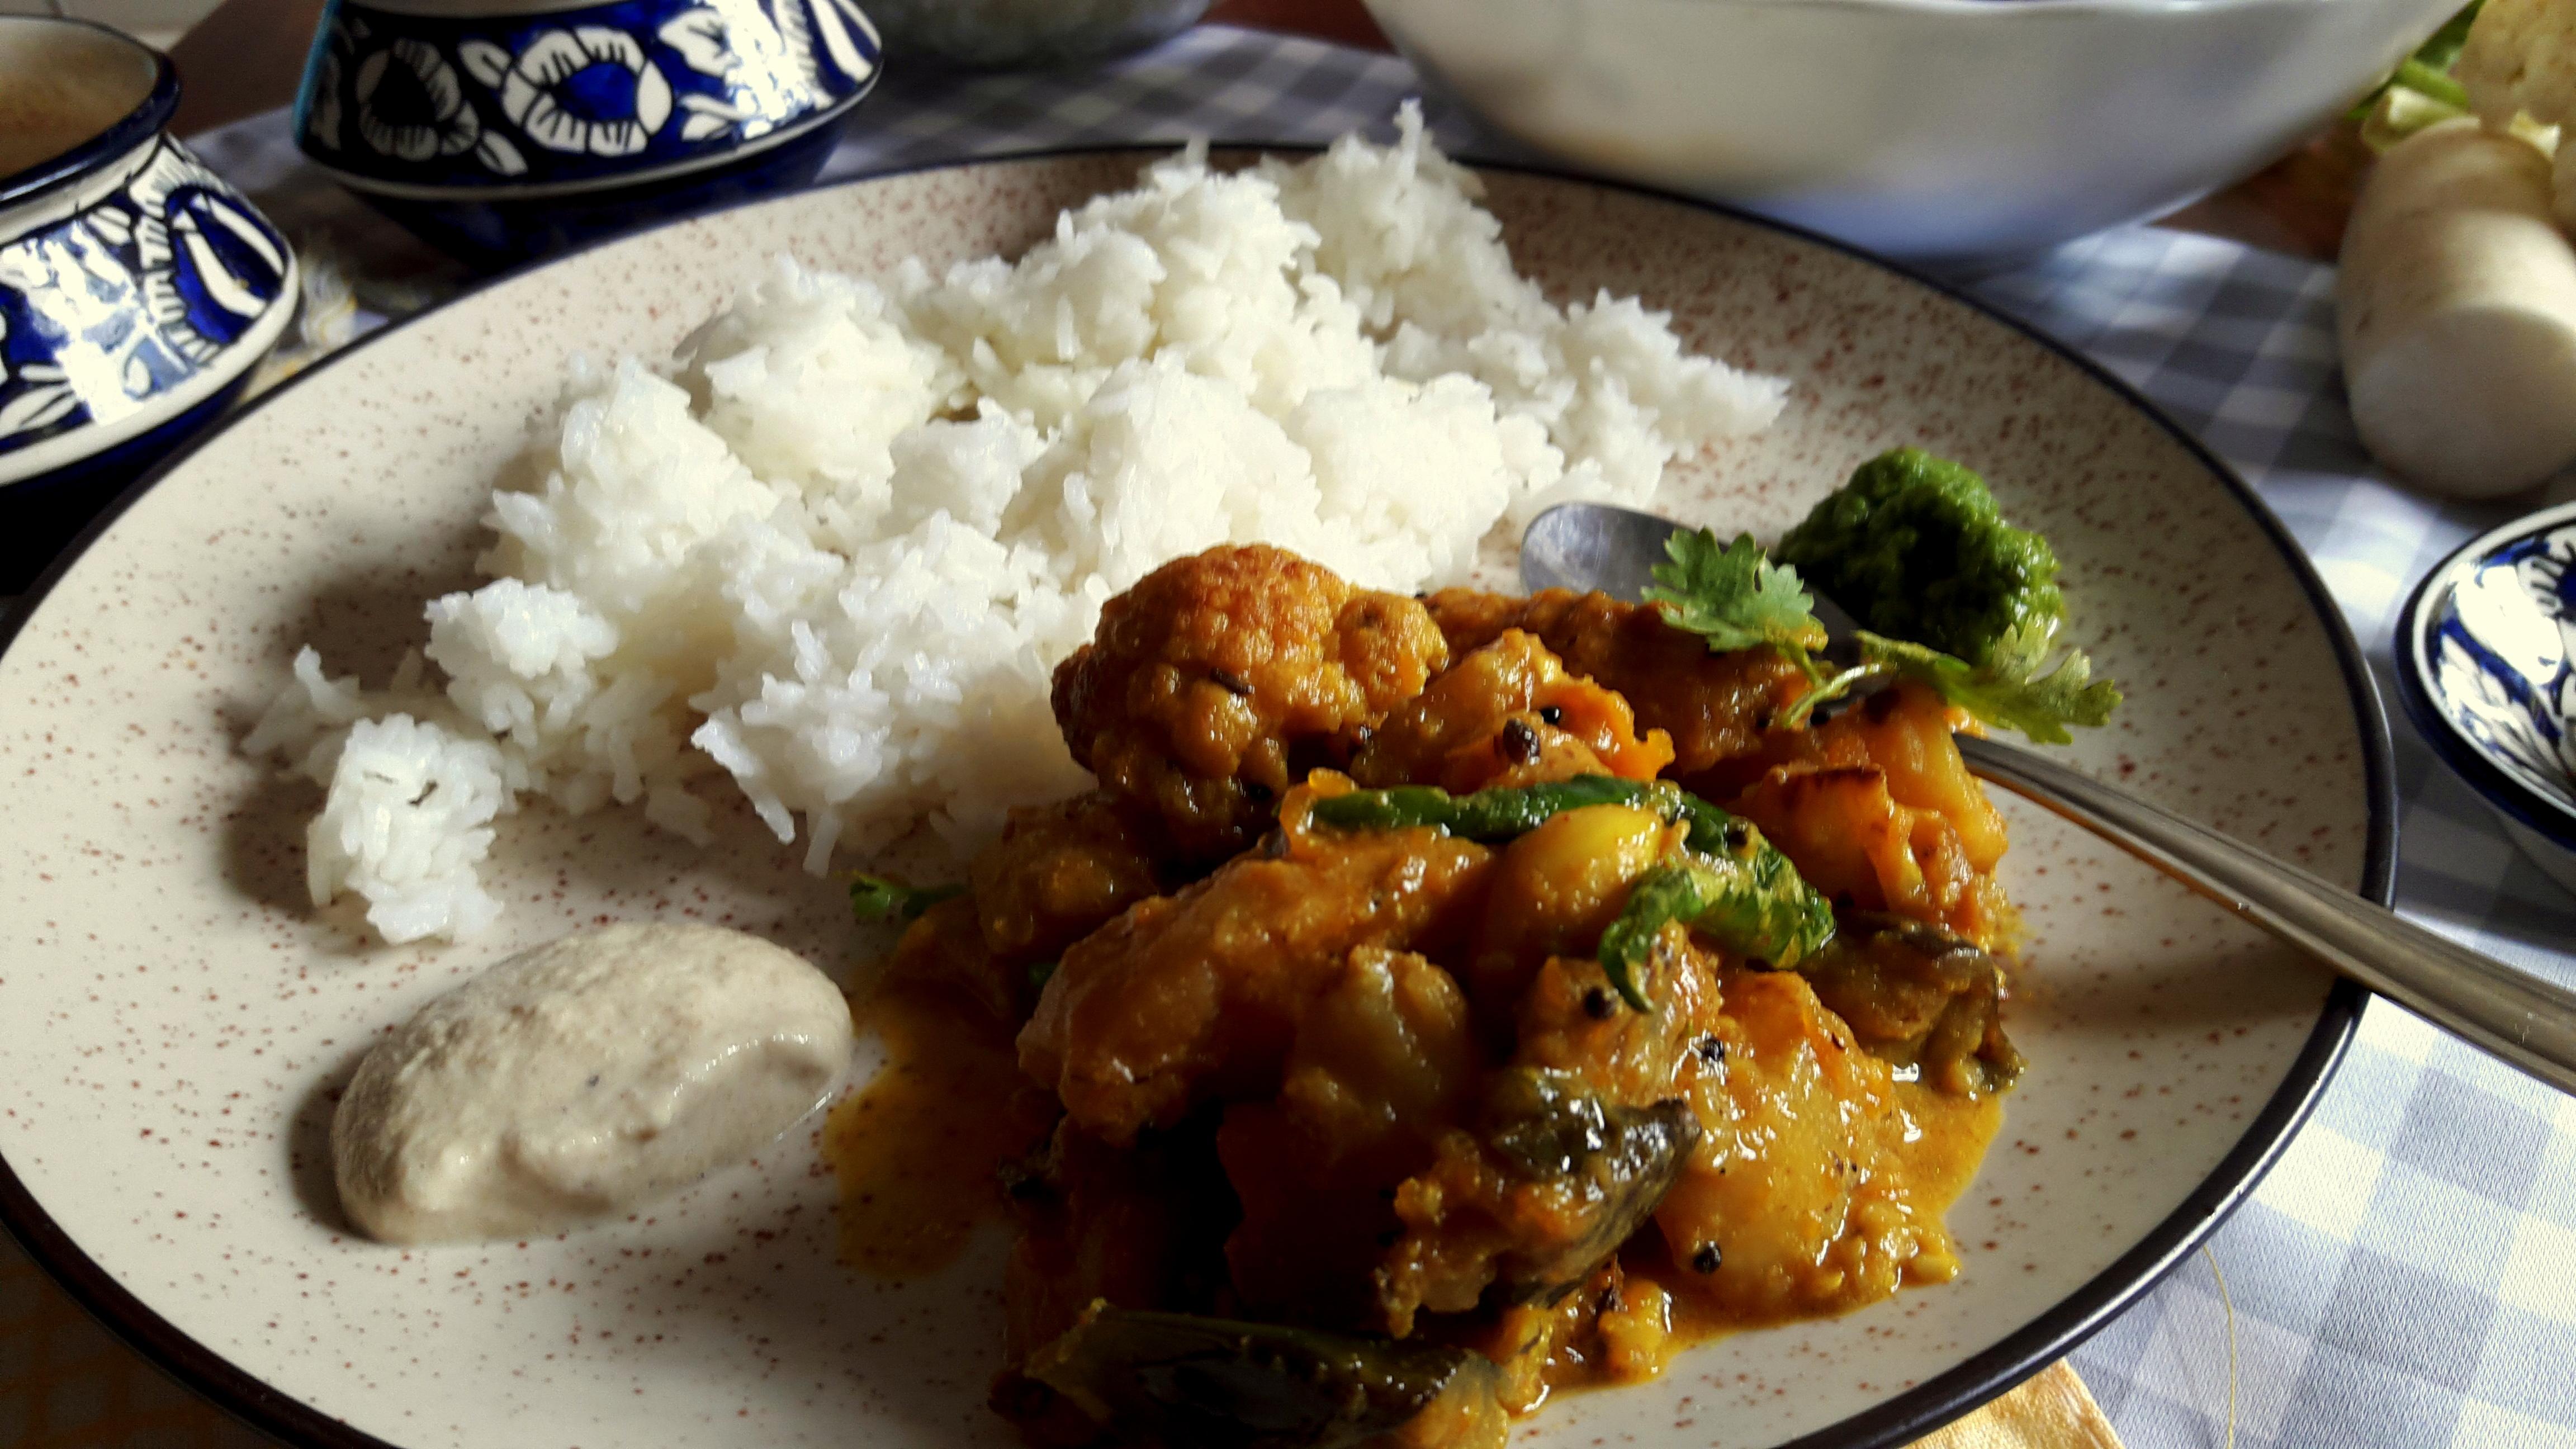 Chorchori (Bengali recipe)